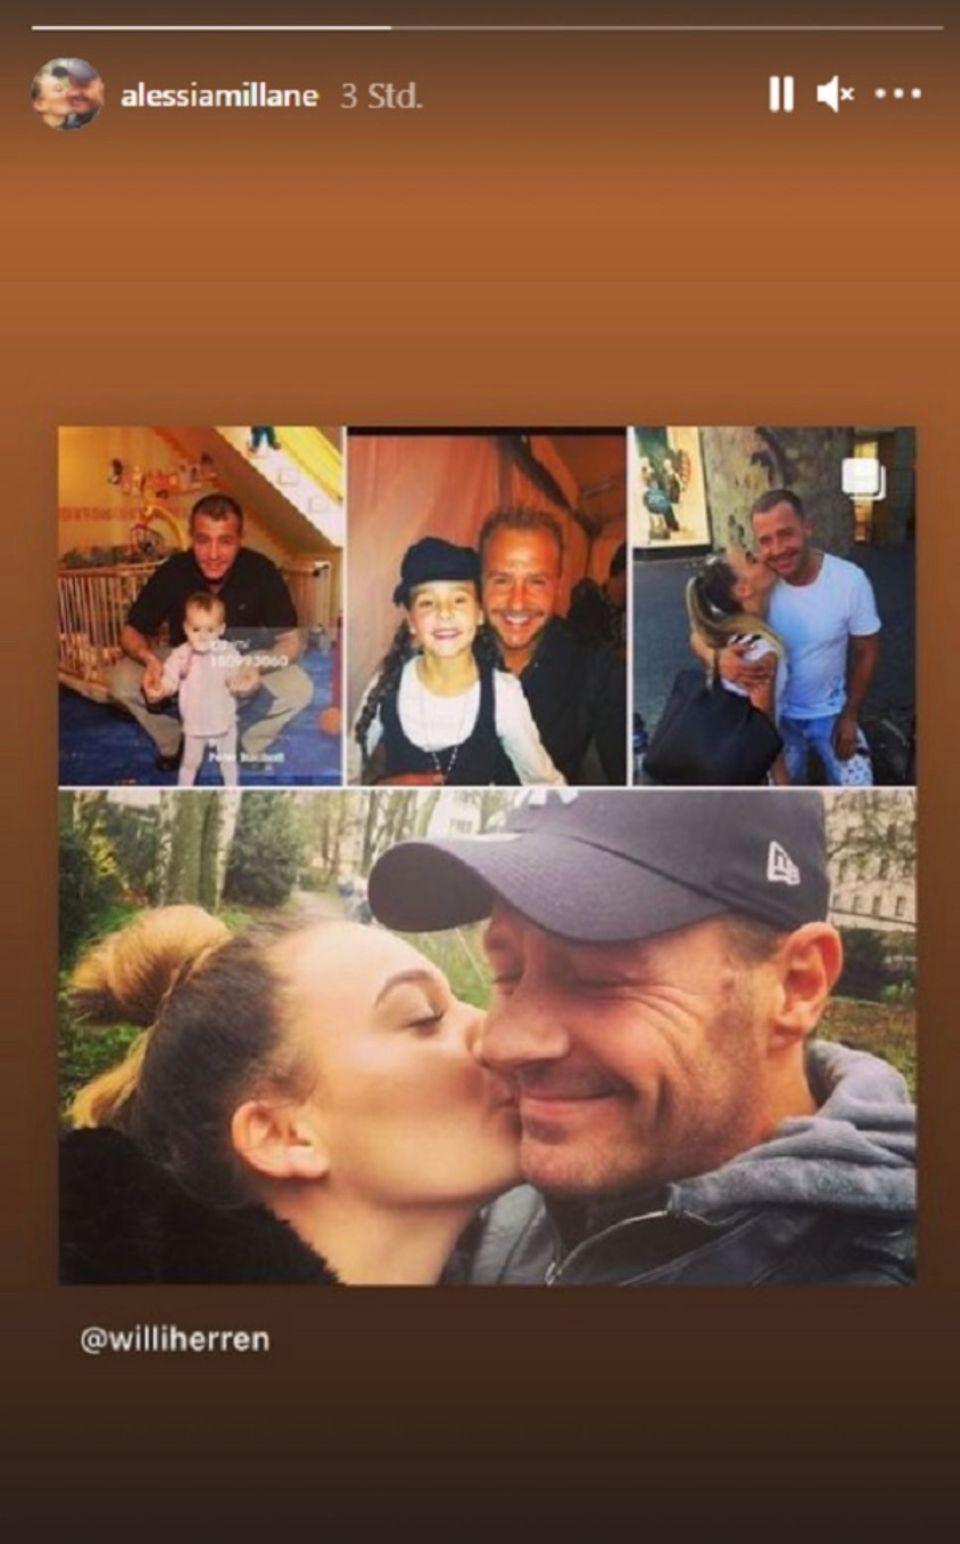 Willi Herren: Tochter Alessia verabschiedet ihn mit rührender Fotocollage: Screenshot der Fotocollage von Instagram